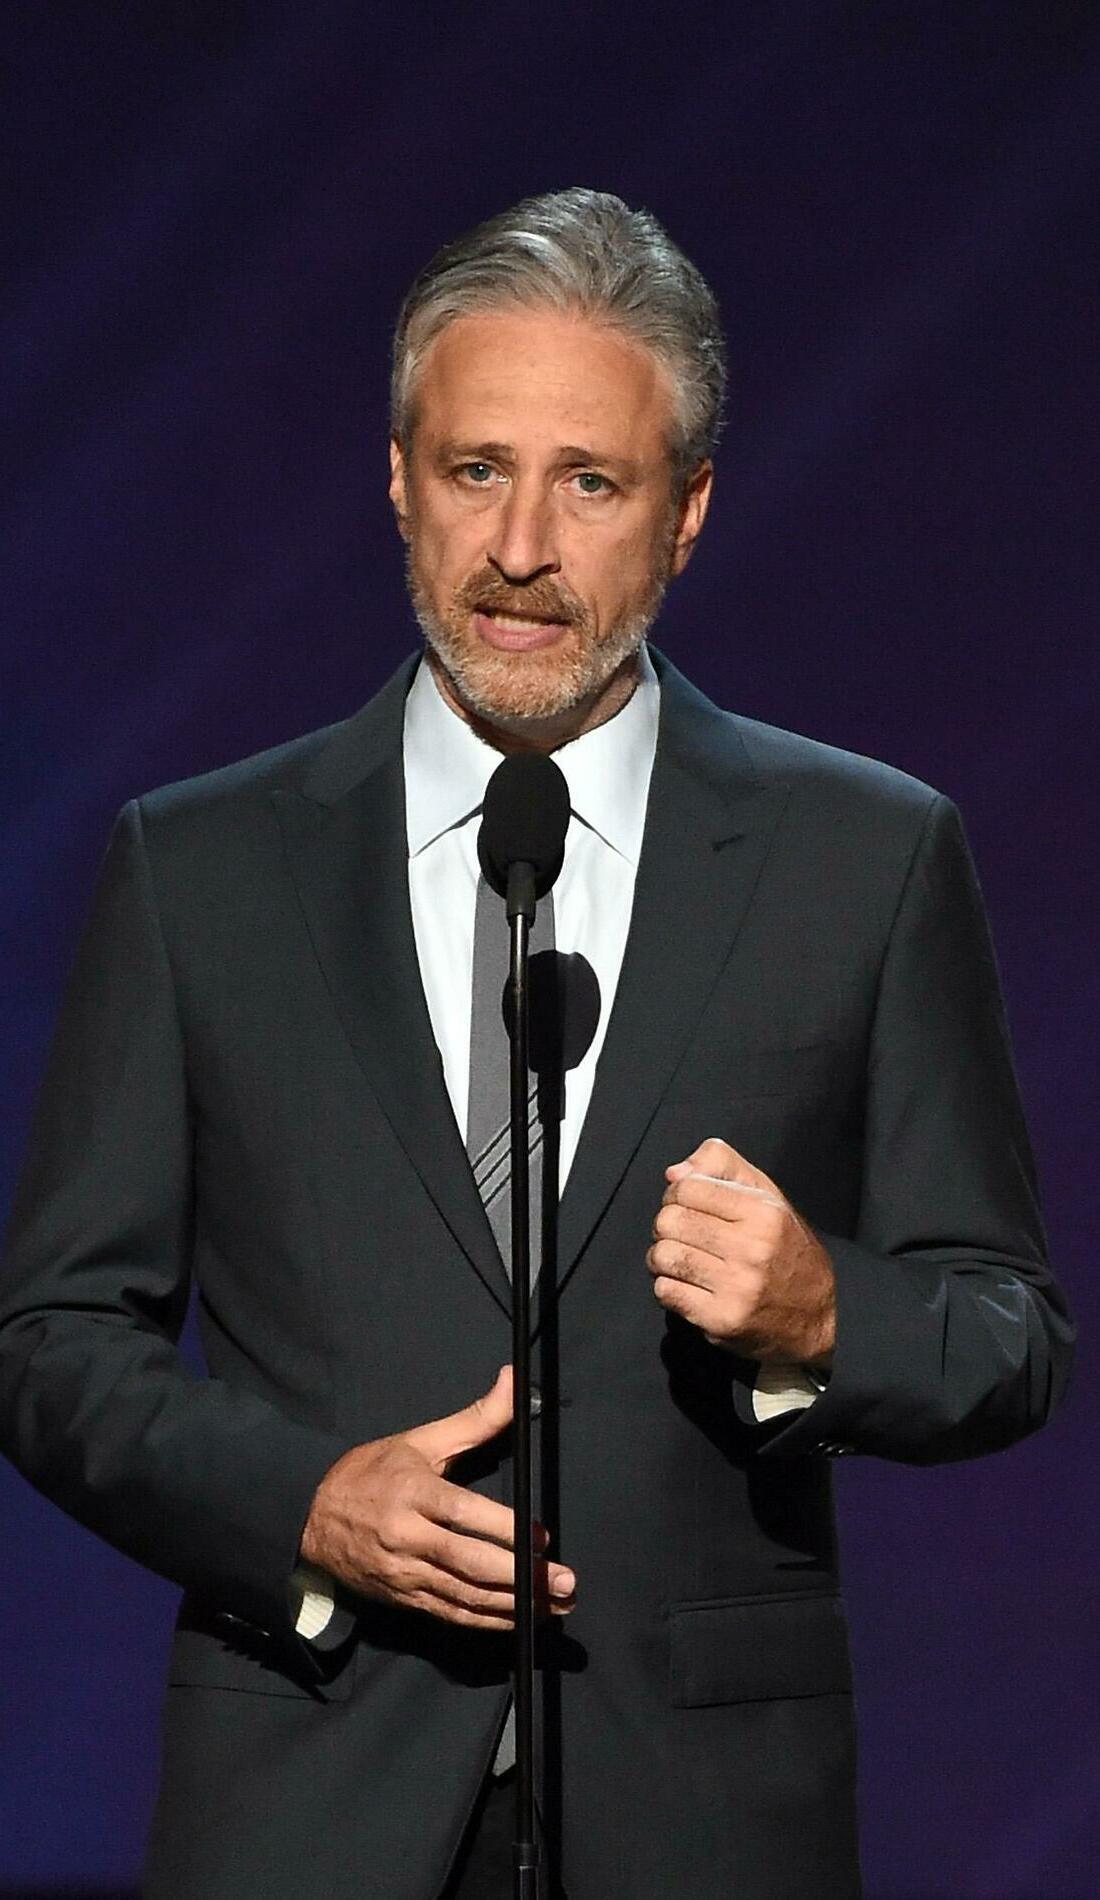 A Jon Stewart live event